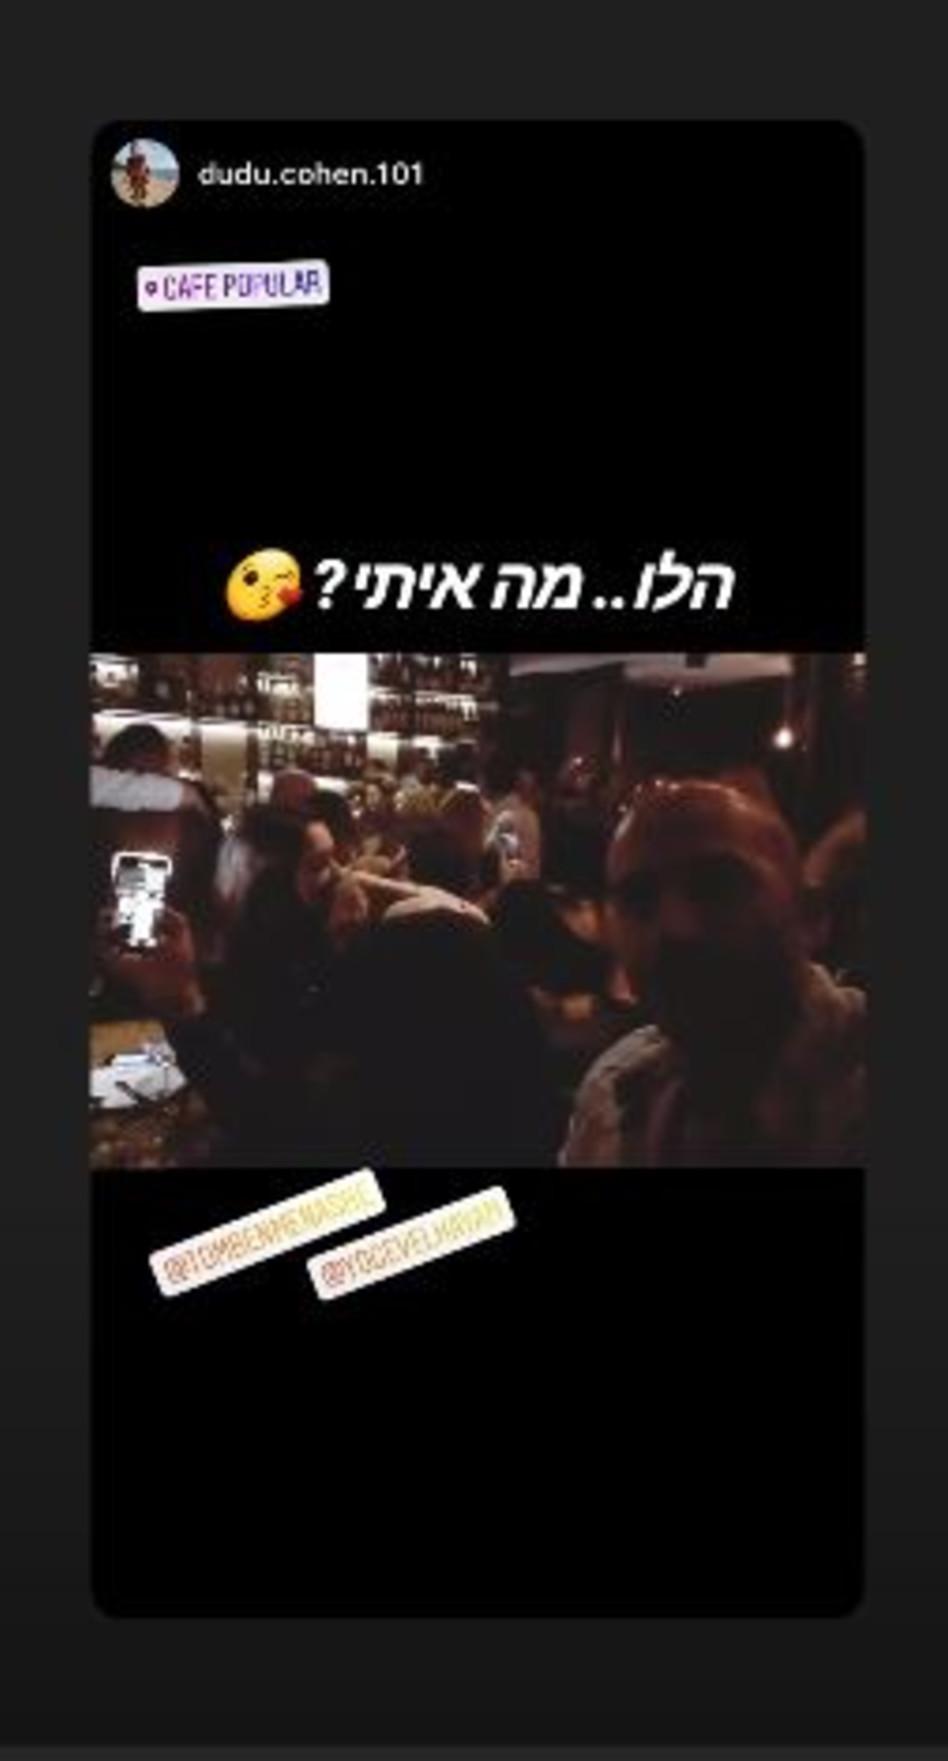 מה איתו באמת? דודו כהן מצלם את הנשיקה של יוגב אלקיים (צילום: אינסטגרם)